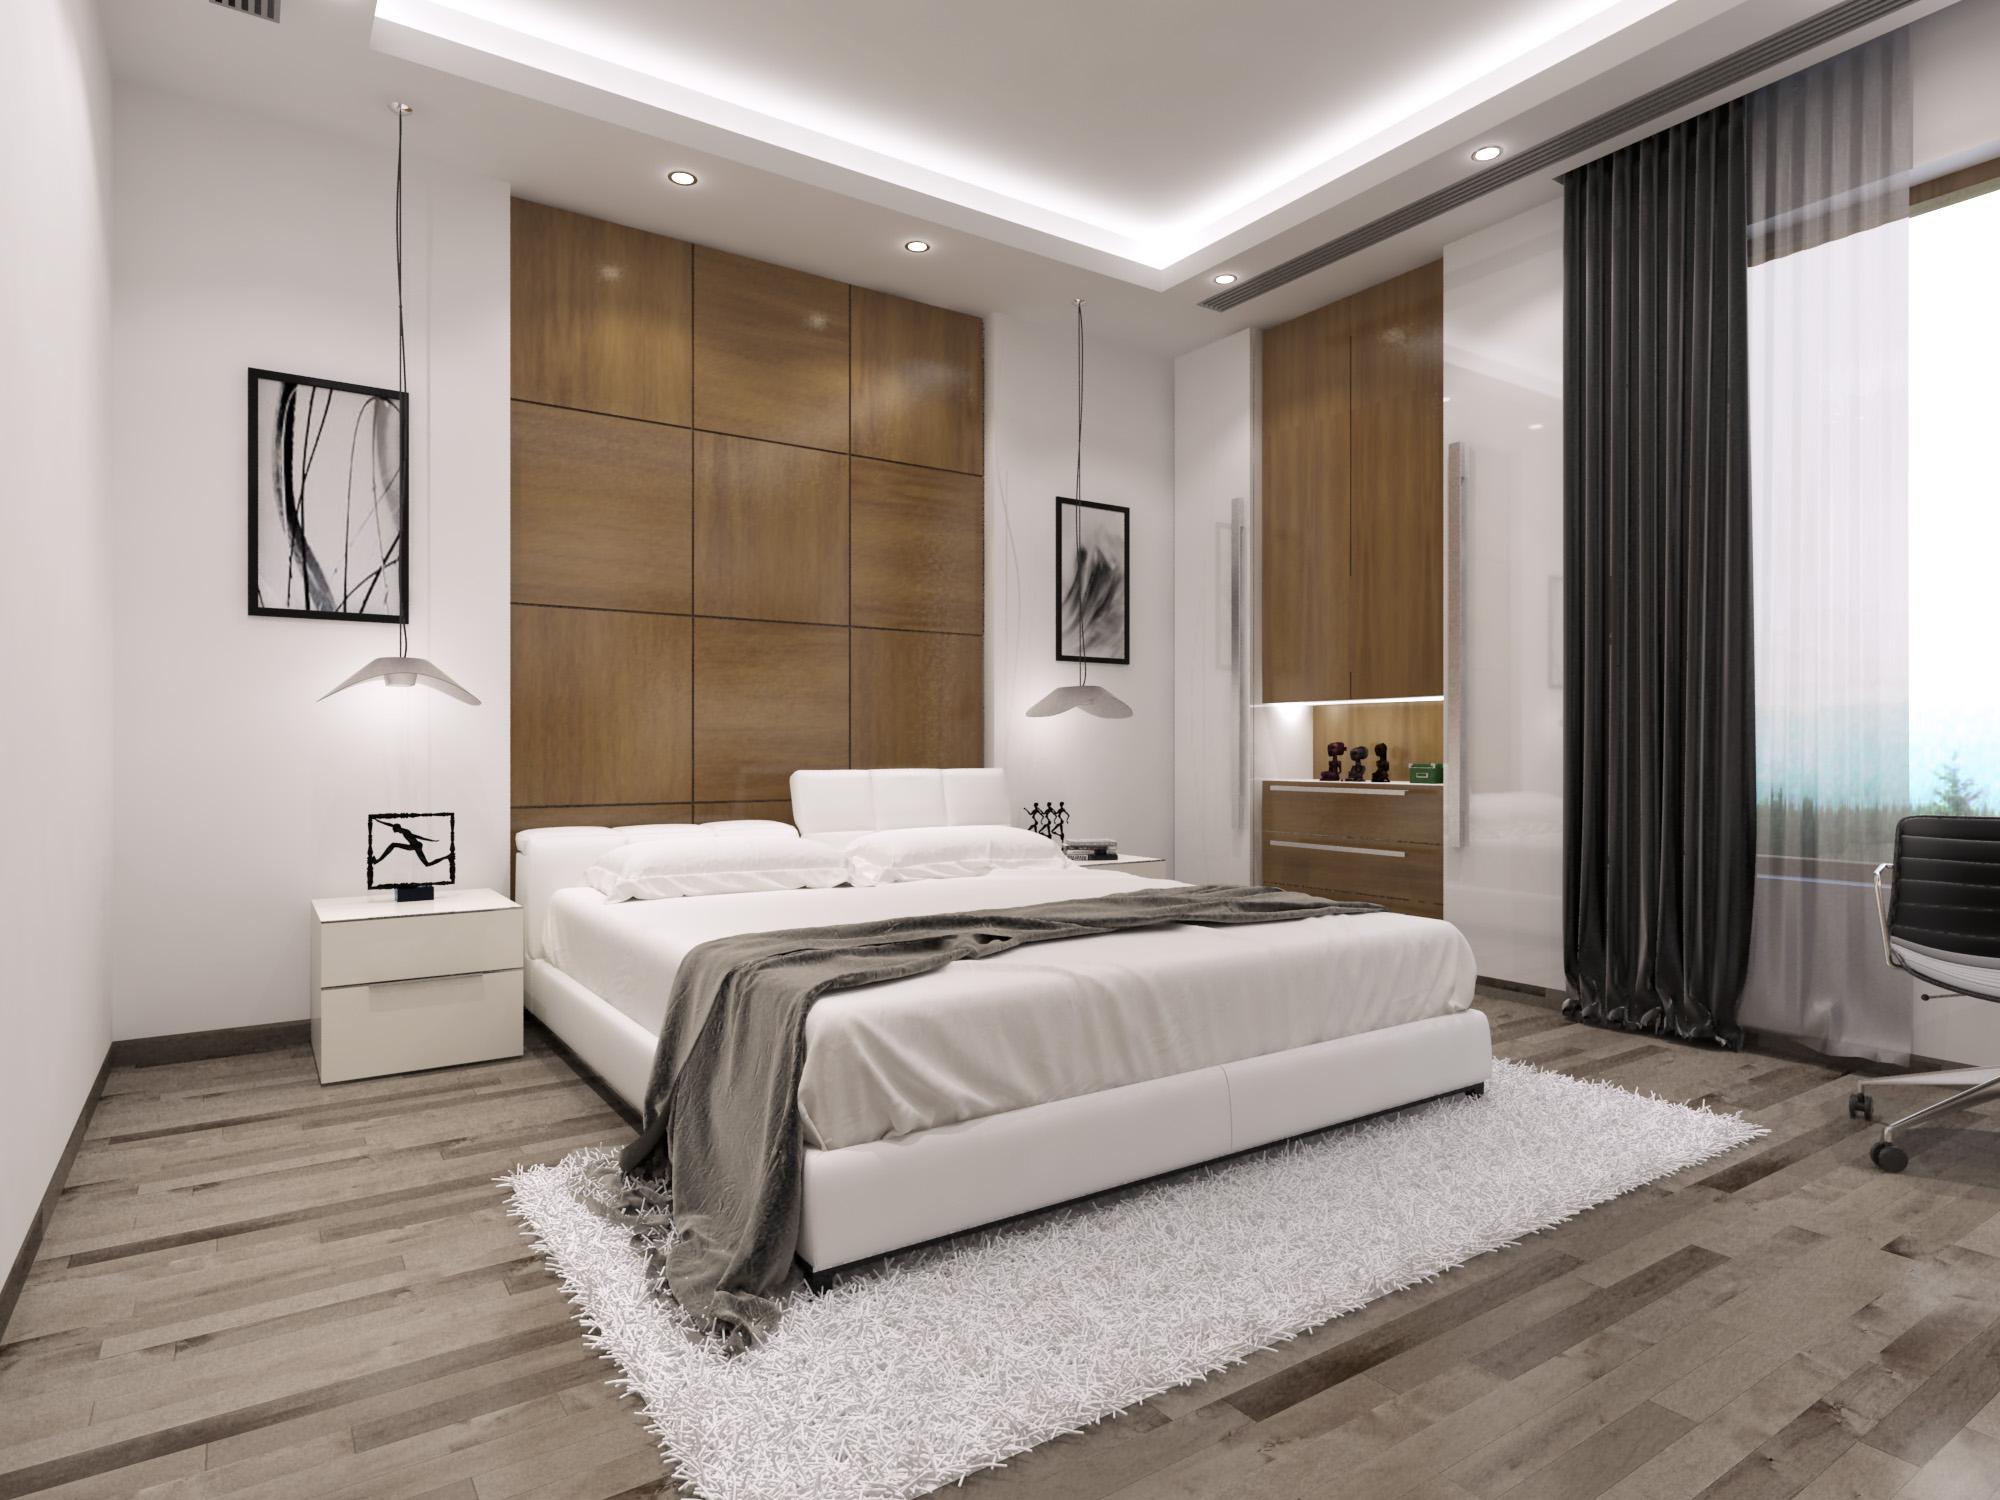 Gaurav Dhall|Residence|Vasant Vihar|15,000sqft